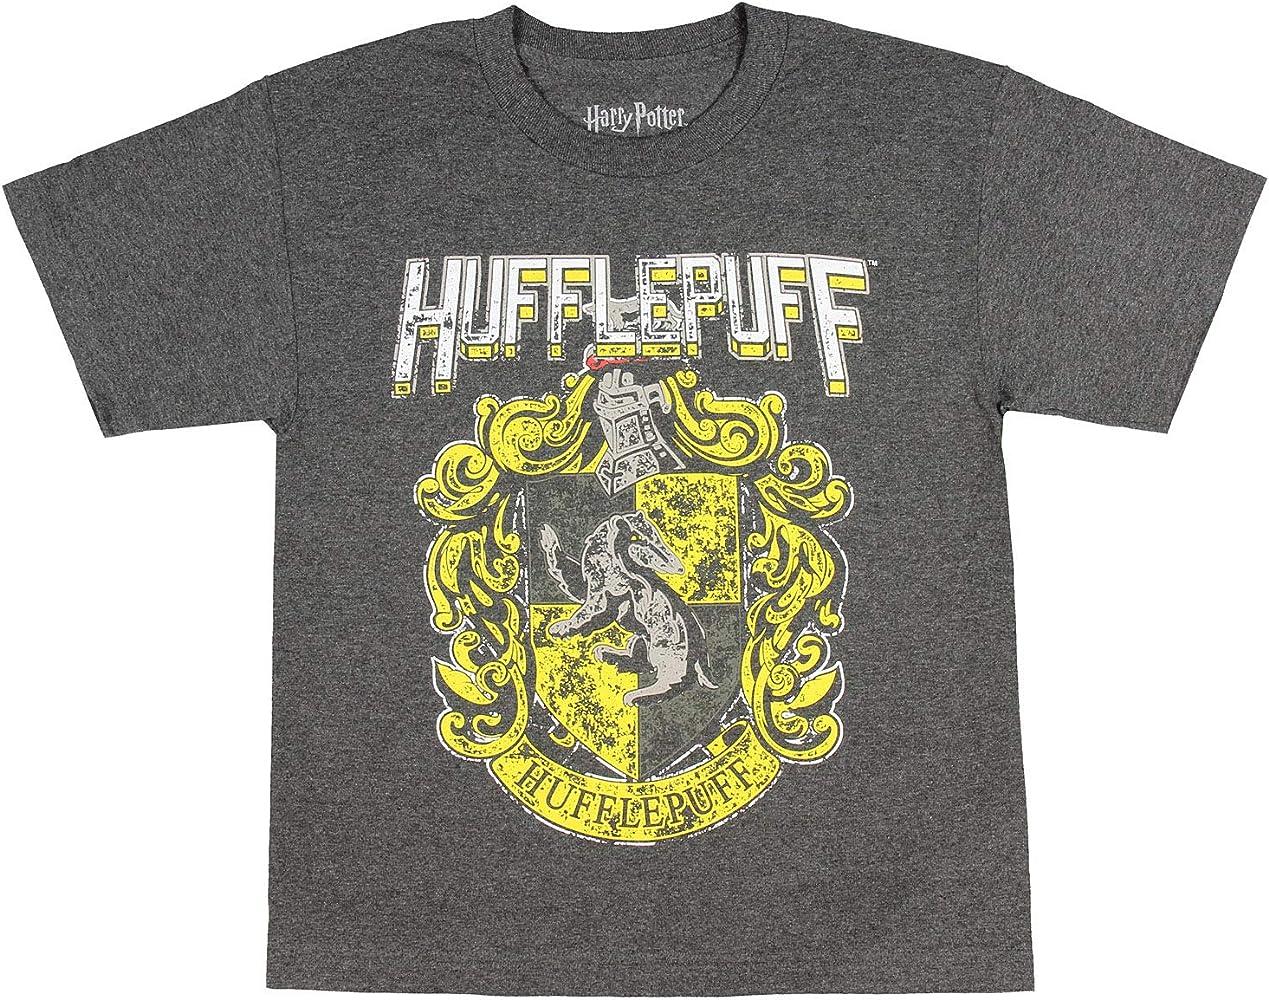 Harry Potter Hufflepuff - Camiseta con el Escudo de la casa Envejecida - Gris - Medium: Amazon.es: Ropa y accesorios